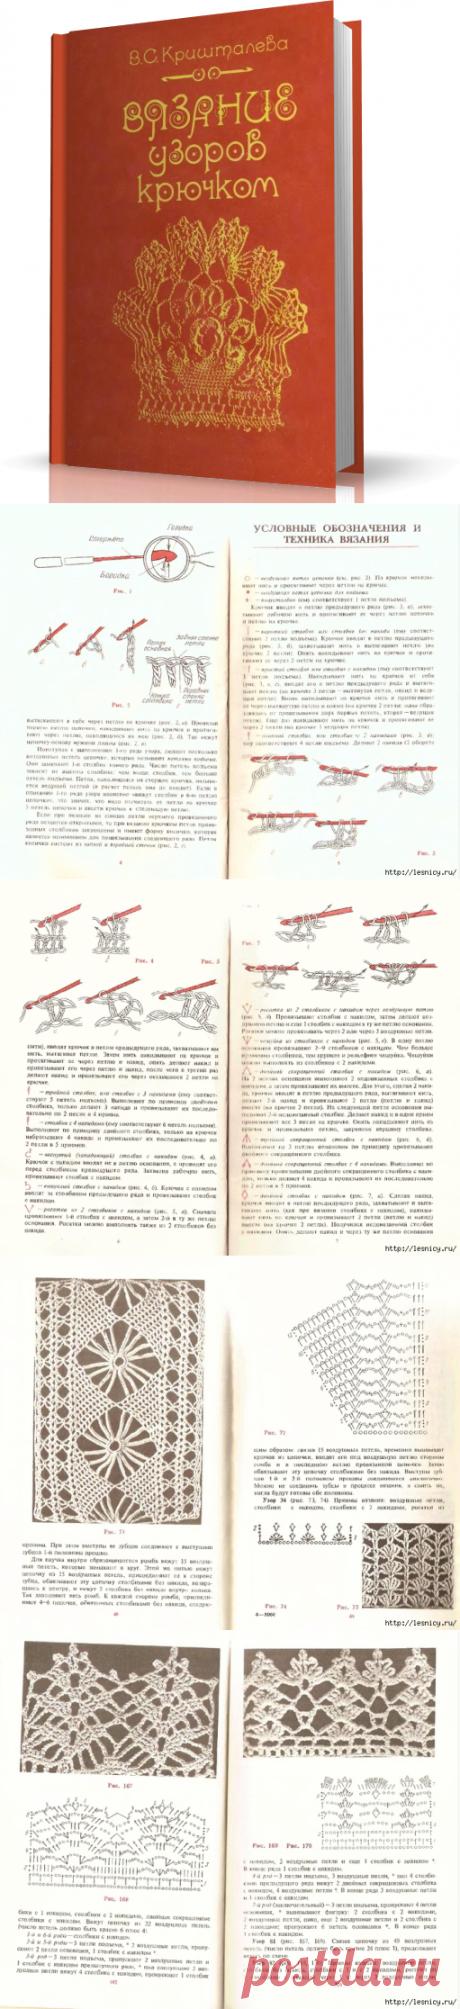 Классная книга по вязанию узоров крючком